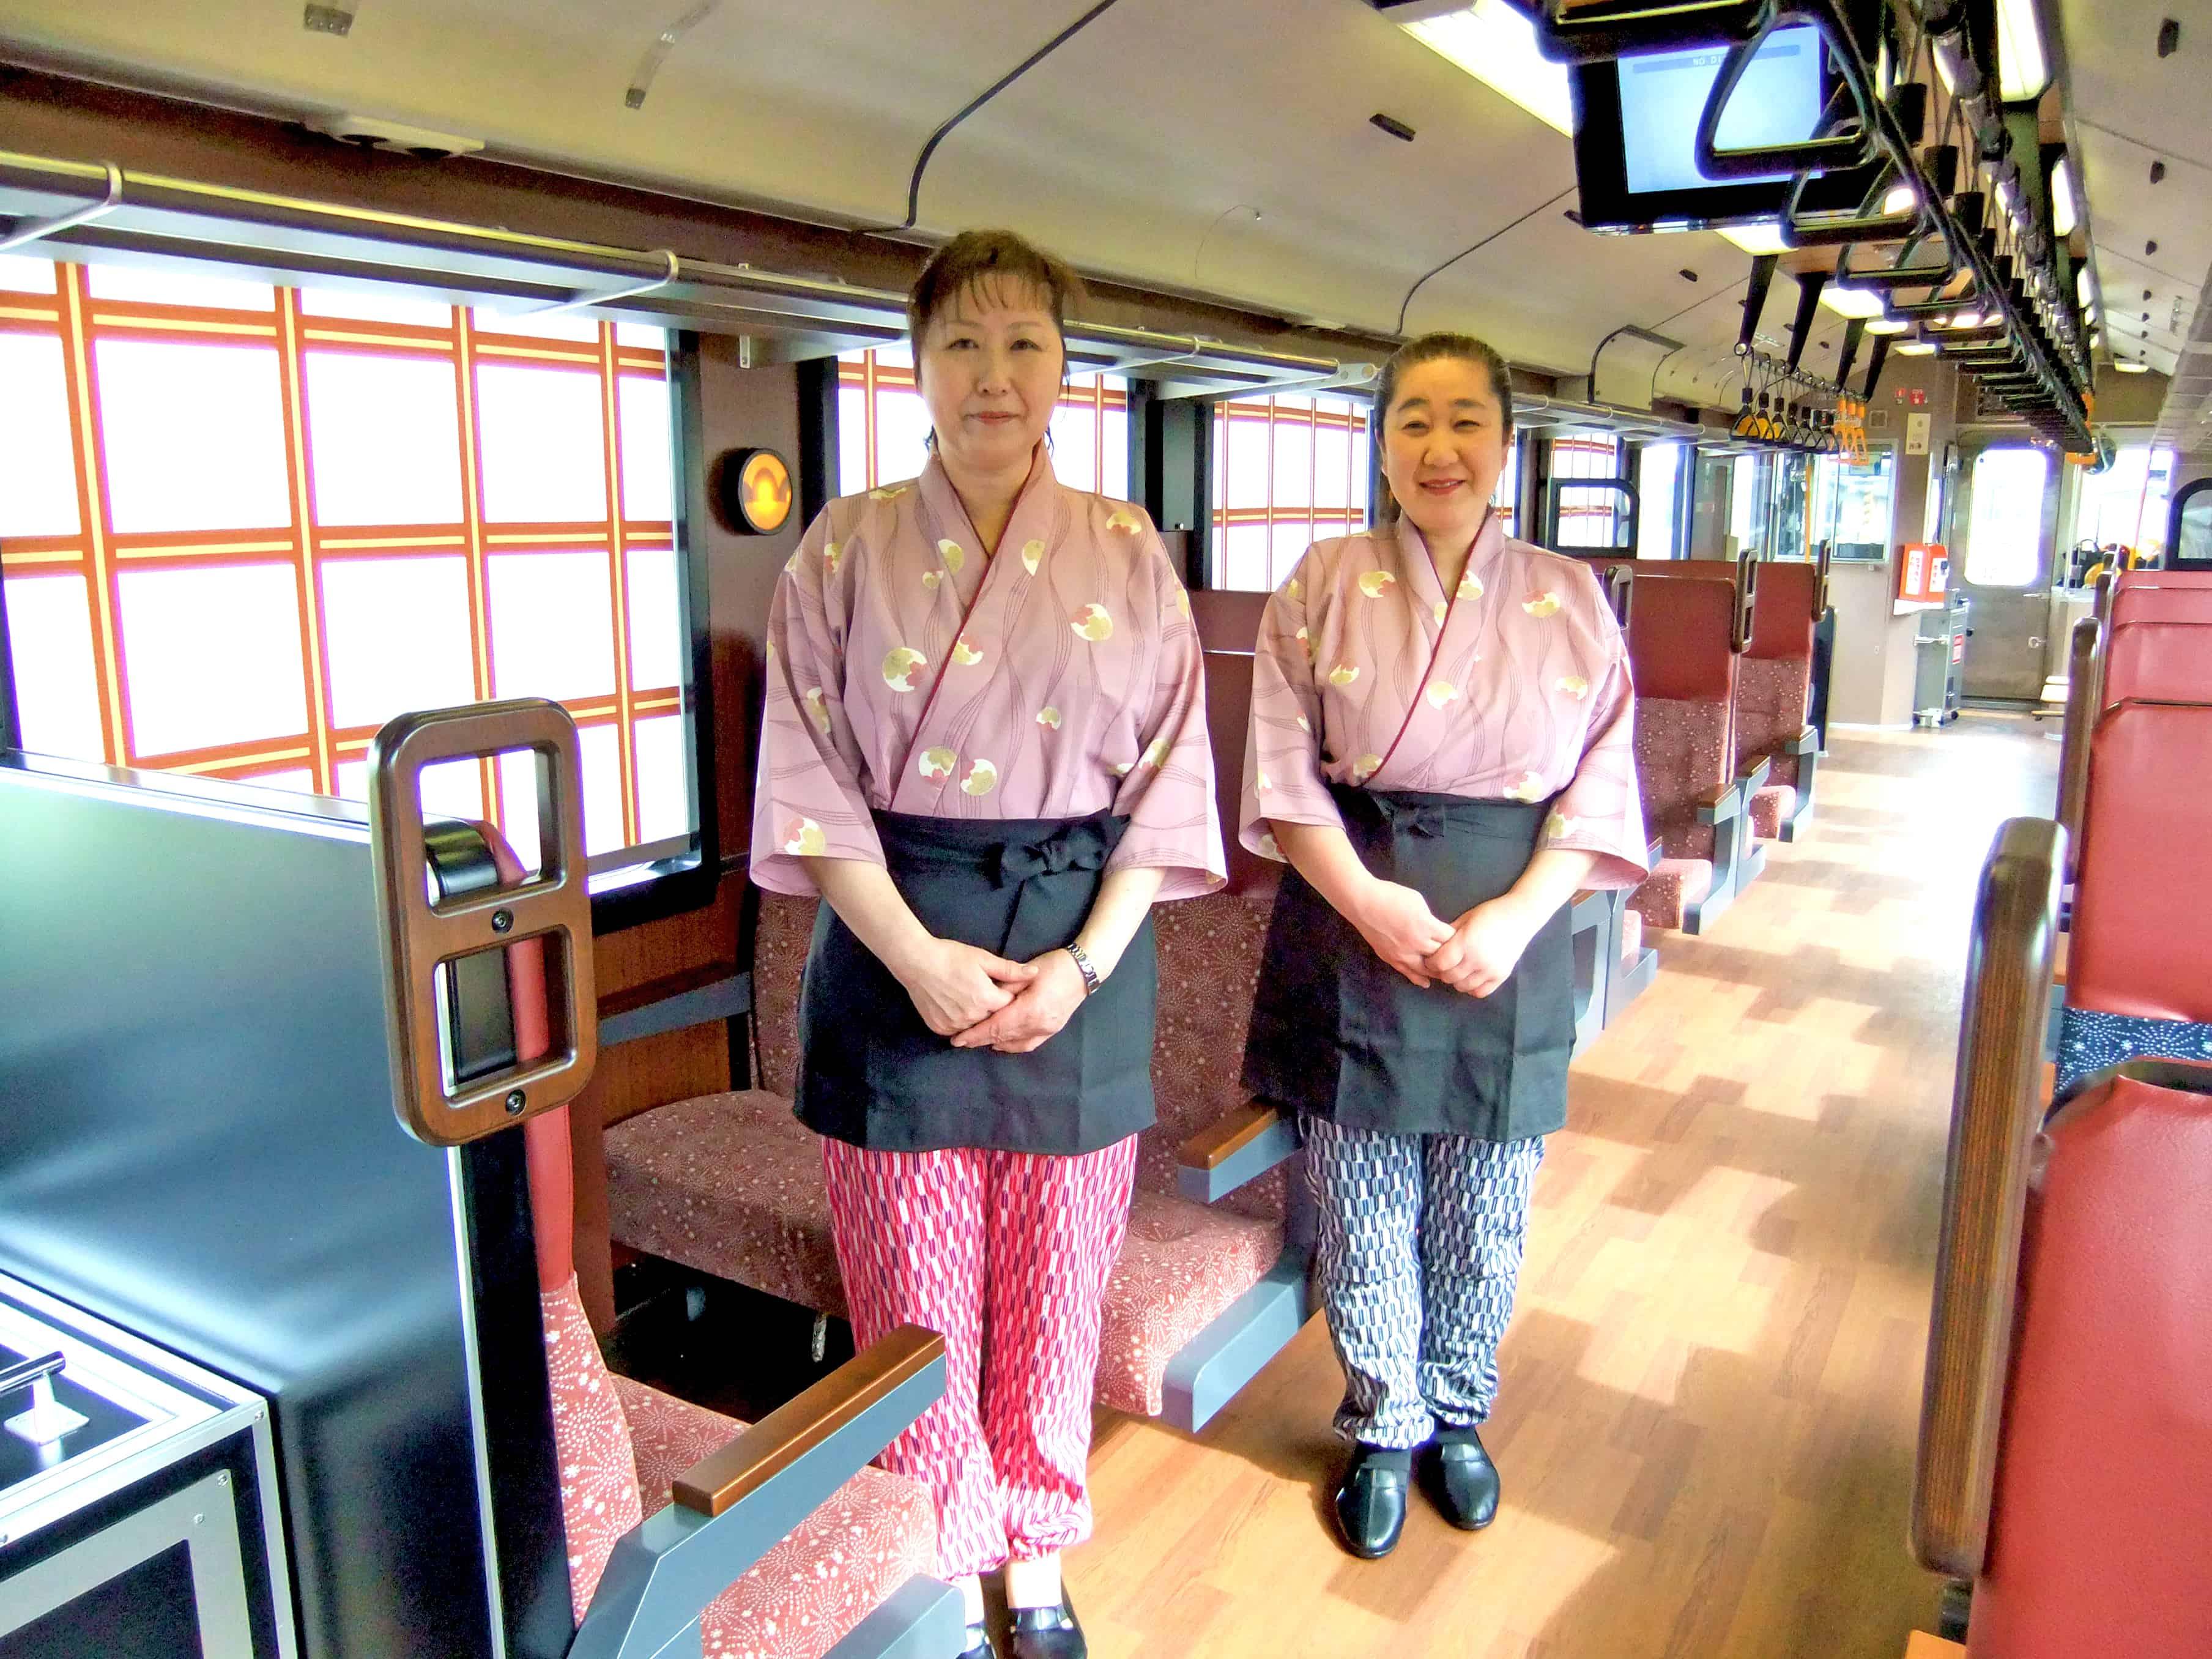 ภายในรถไฟ Oykot ที่มีพนักงานเป็นคุณป้าในชุดพื้นเมือง